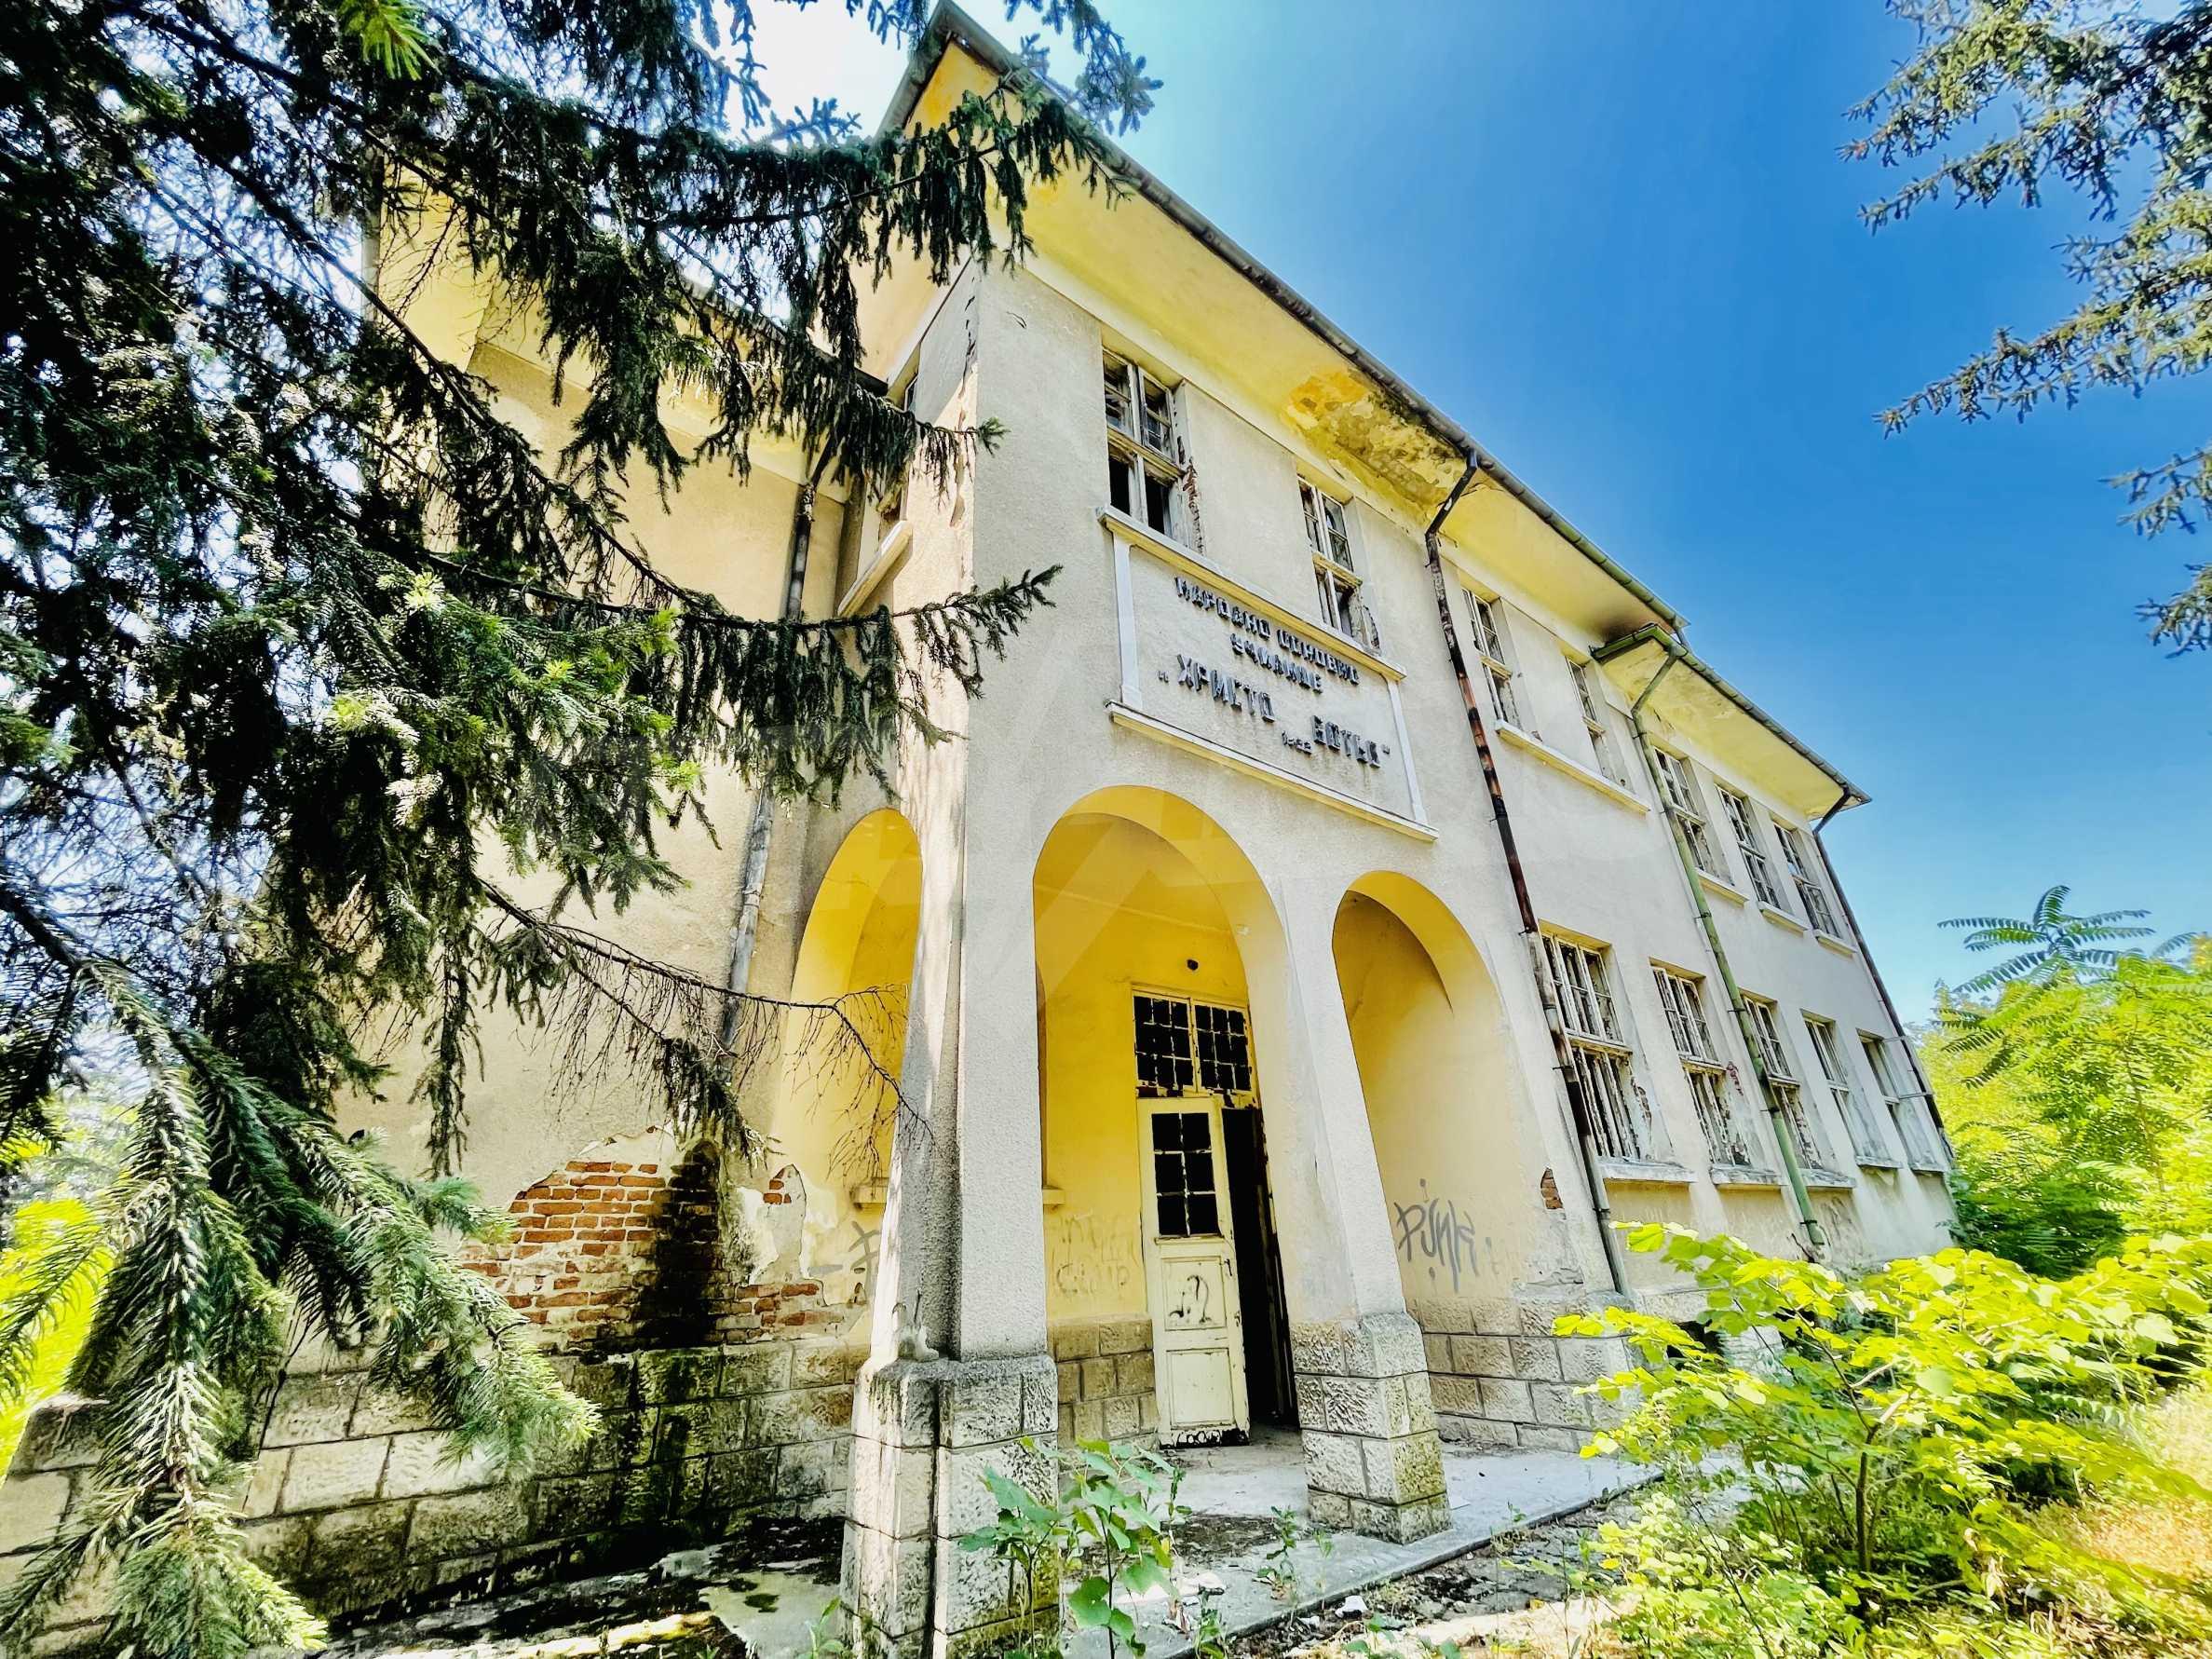 Zwei massive Gebäude auf einem großen Grundstück 35 km von der Stadt Russe und der Donau entfernt 1